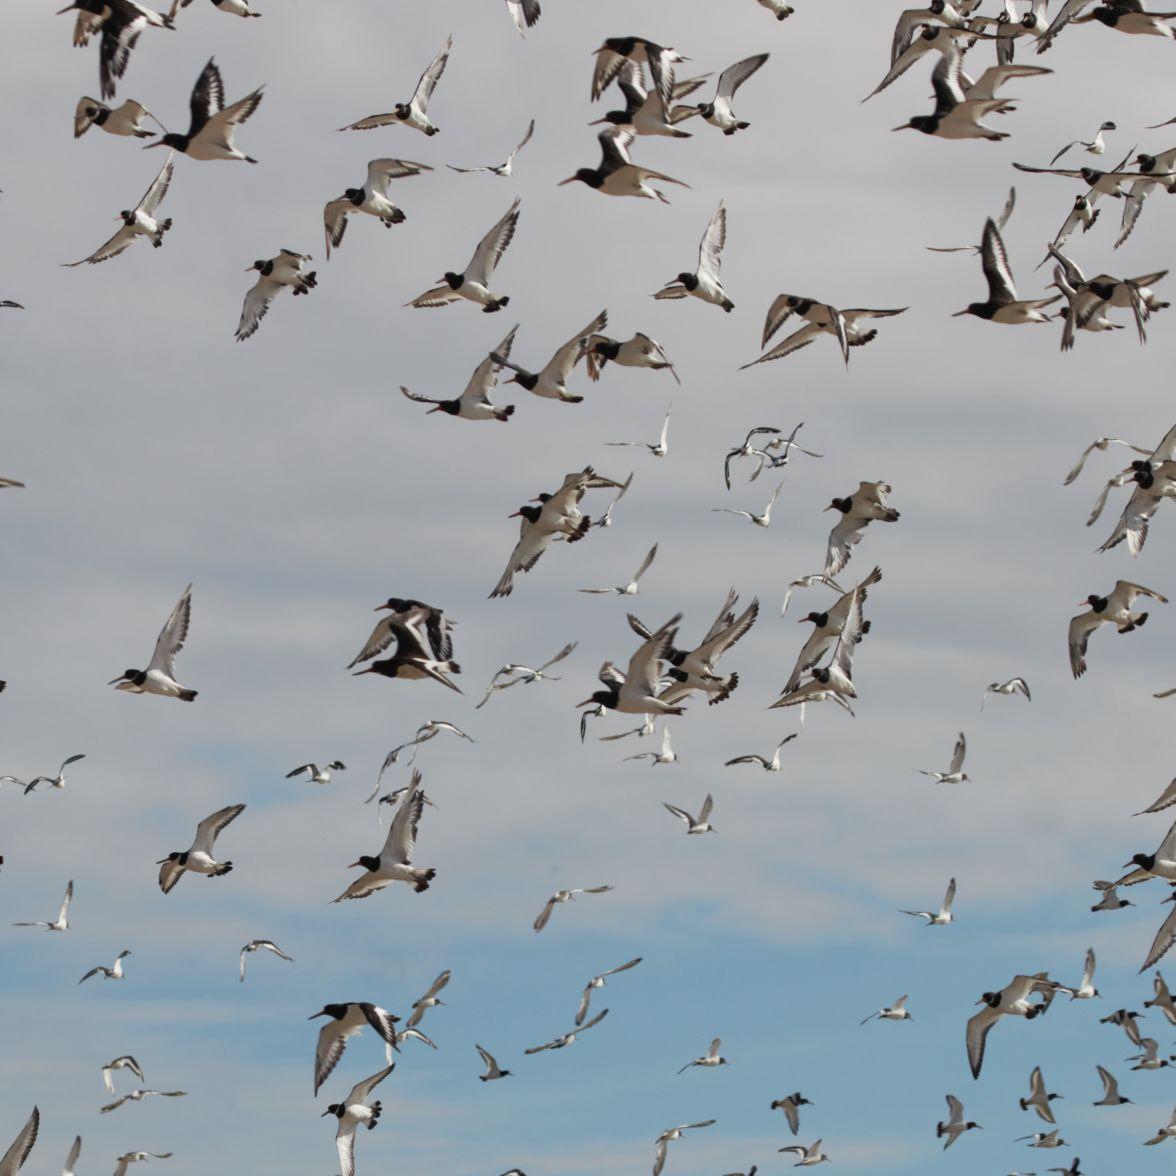 Swirling flock of oystercatchers